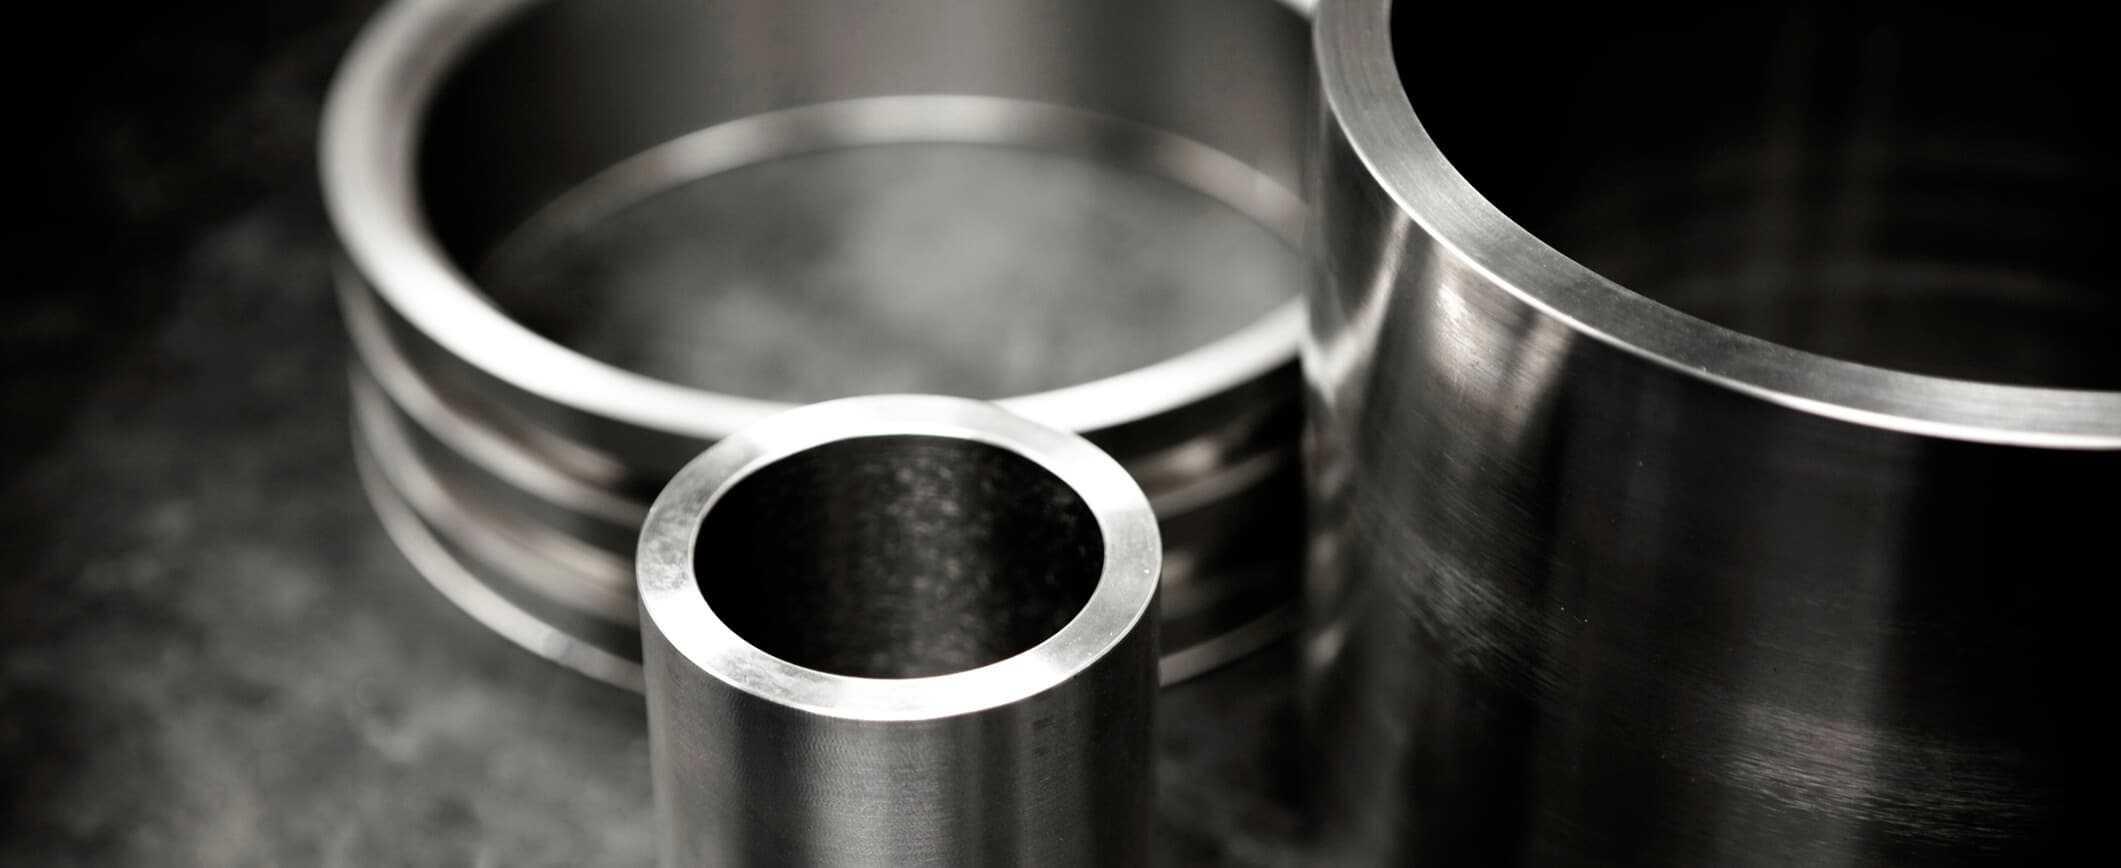 Materialien für Kolbenringe